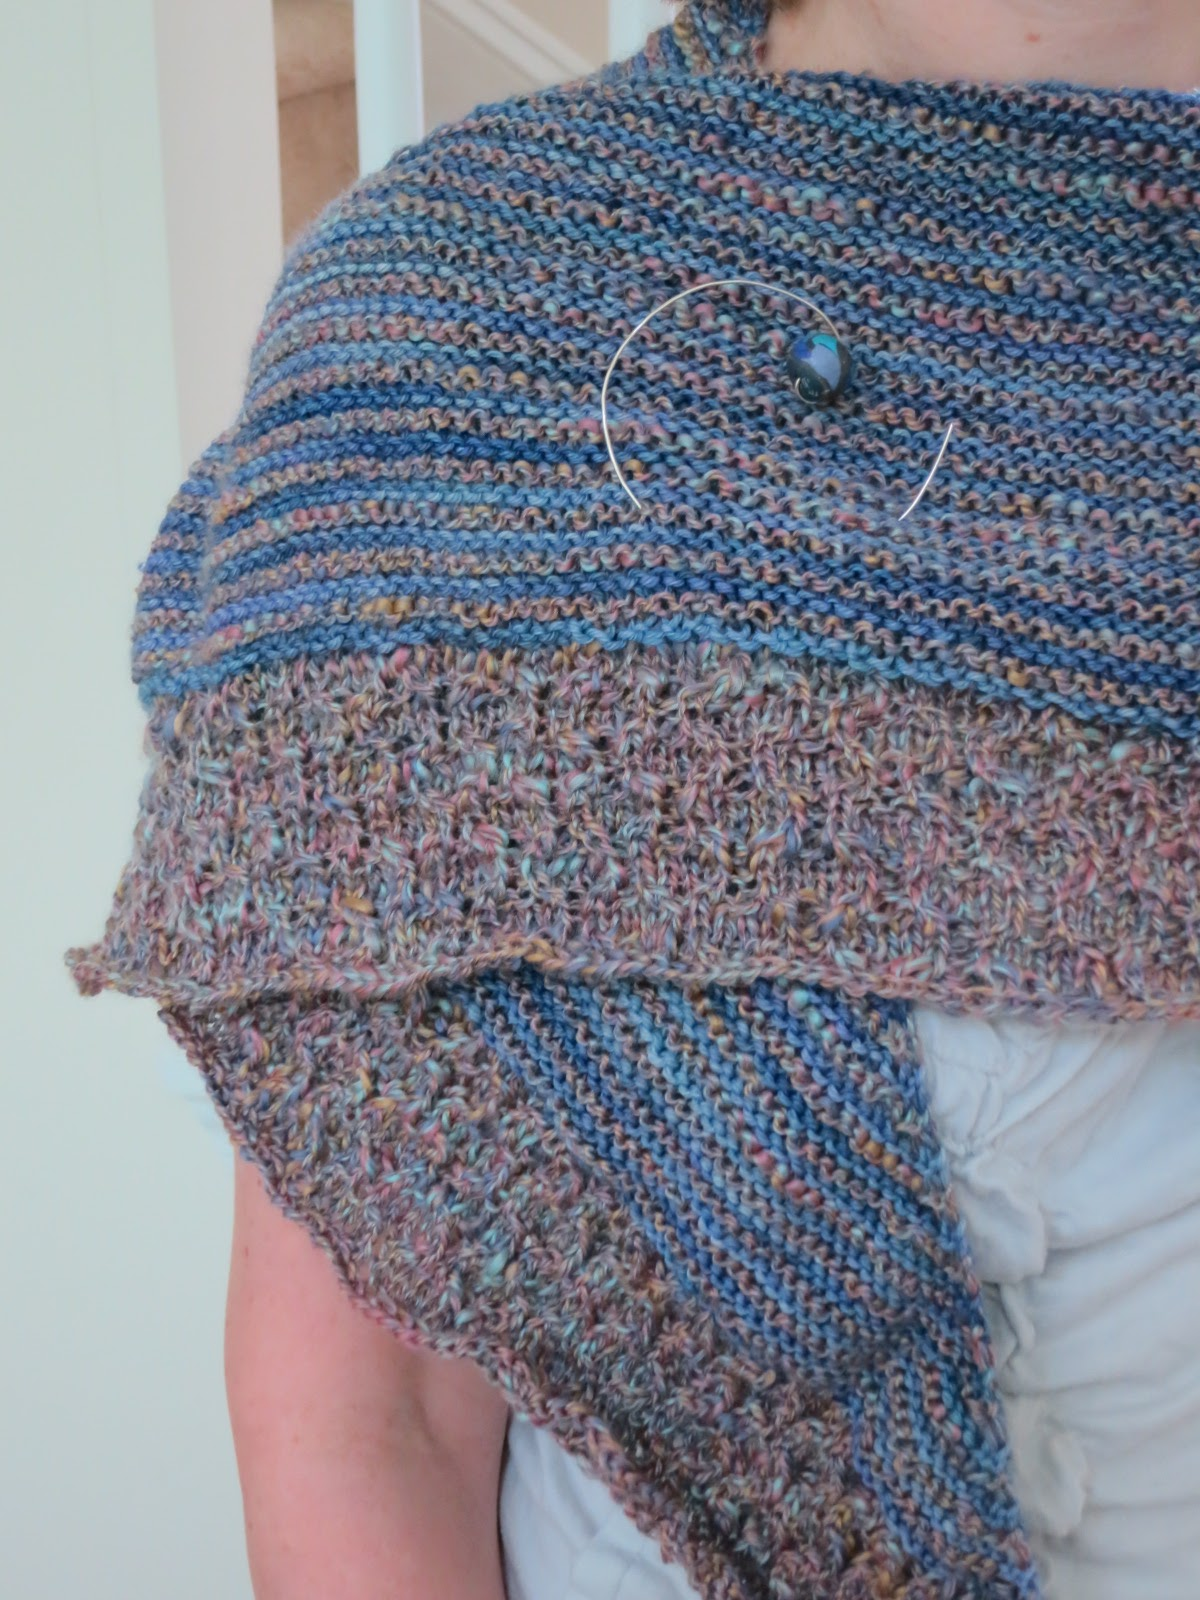 Latest Knitting Patterns Free : The Fuzzy Lounge: New FREE Knitting Pattern: Crossroads Textured Shawl